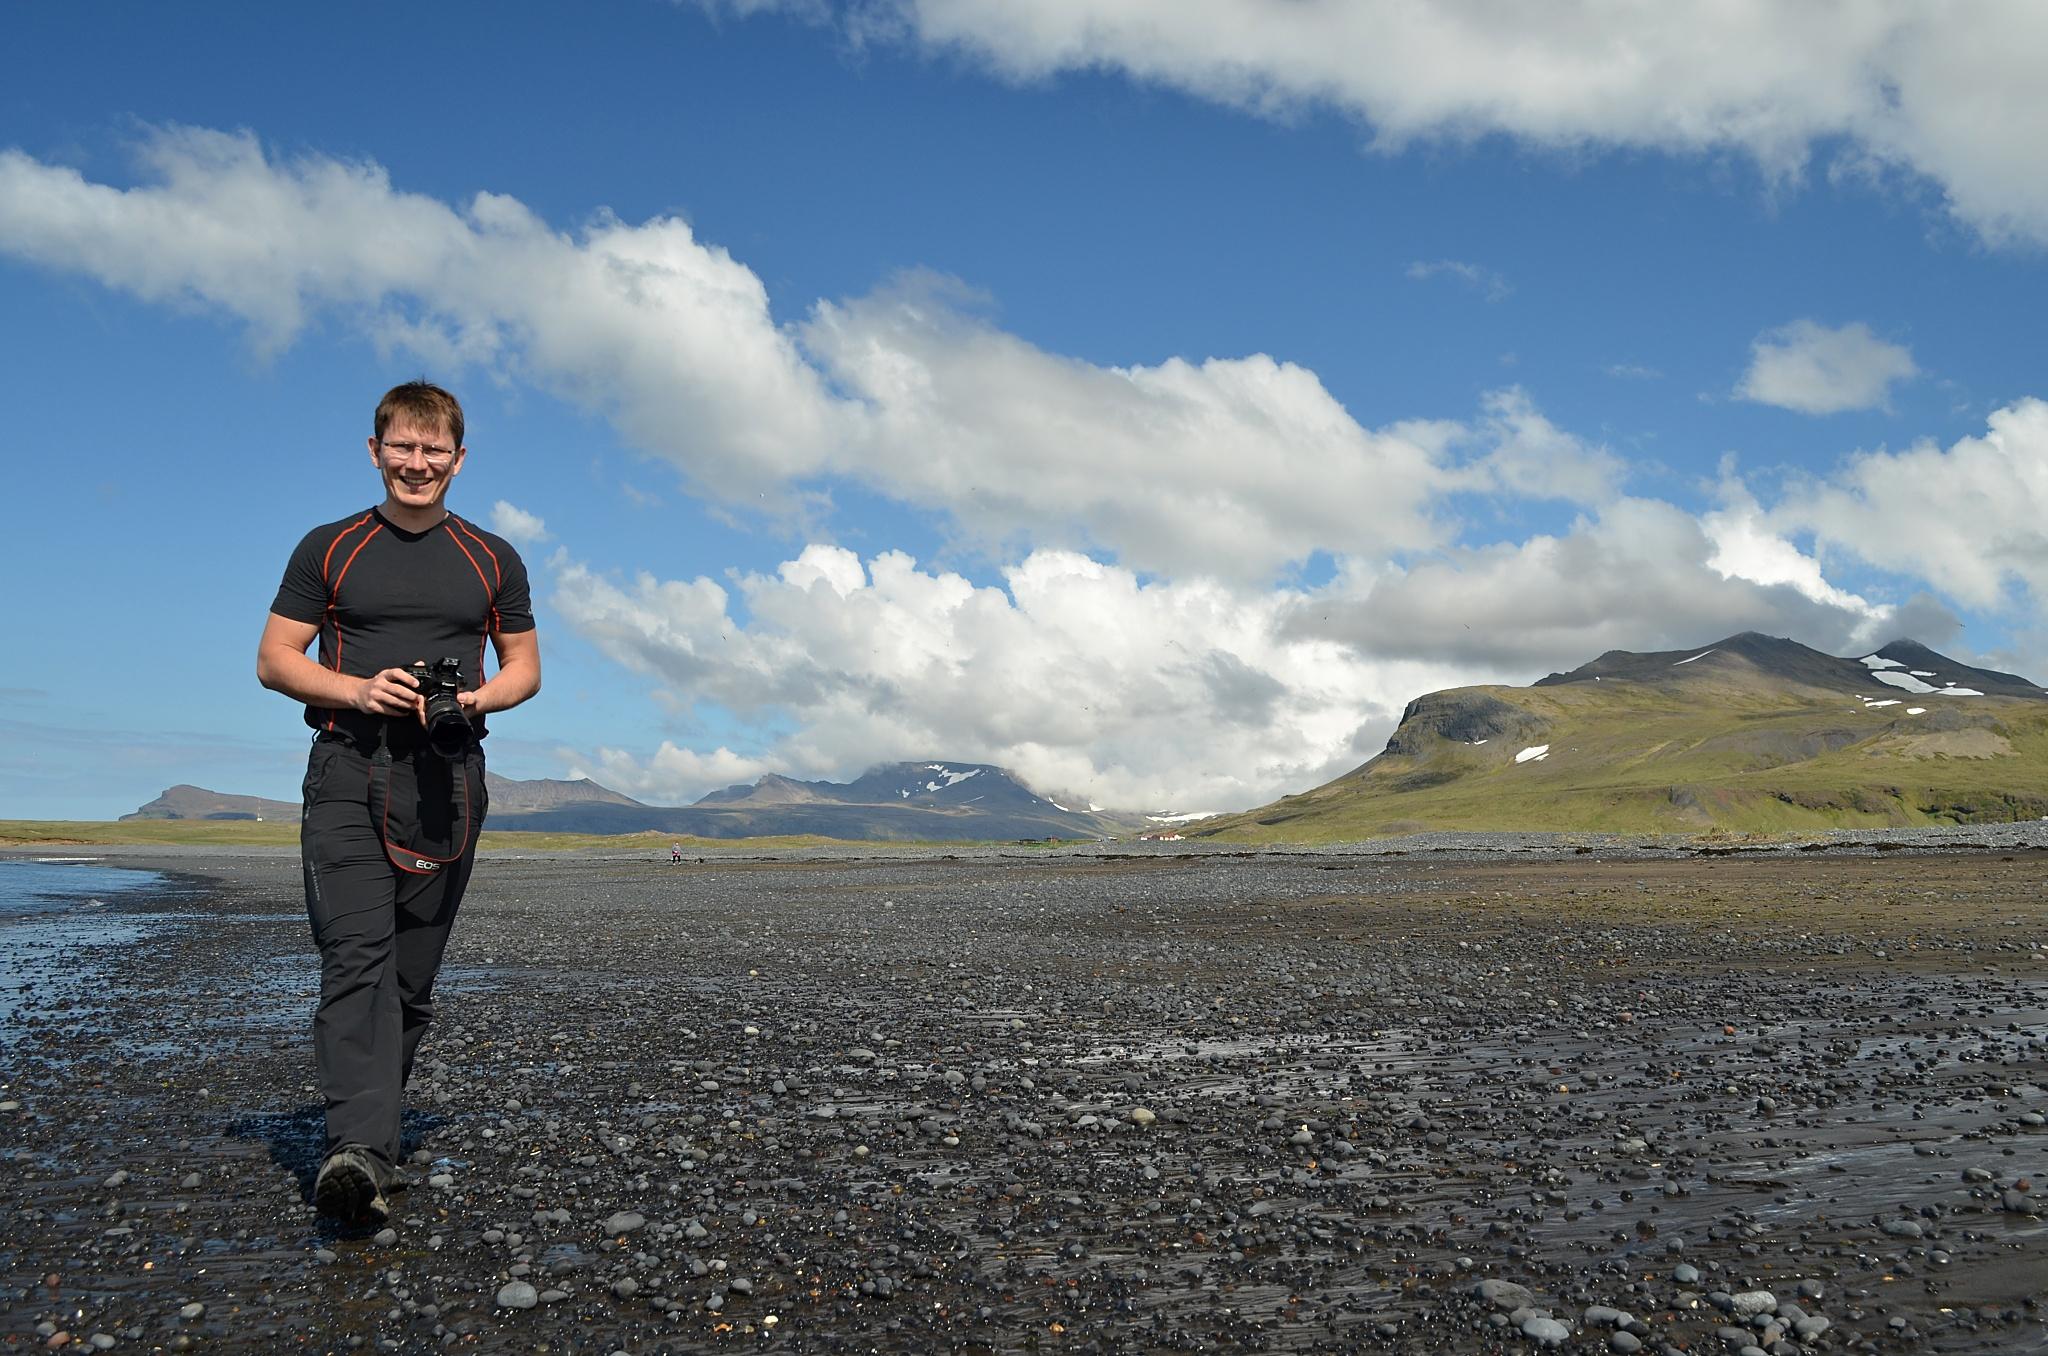 Moře kousek za přístavem Ólafsvík.